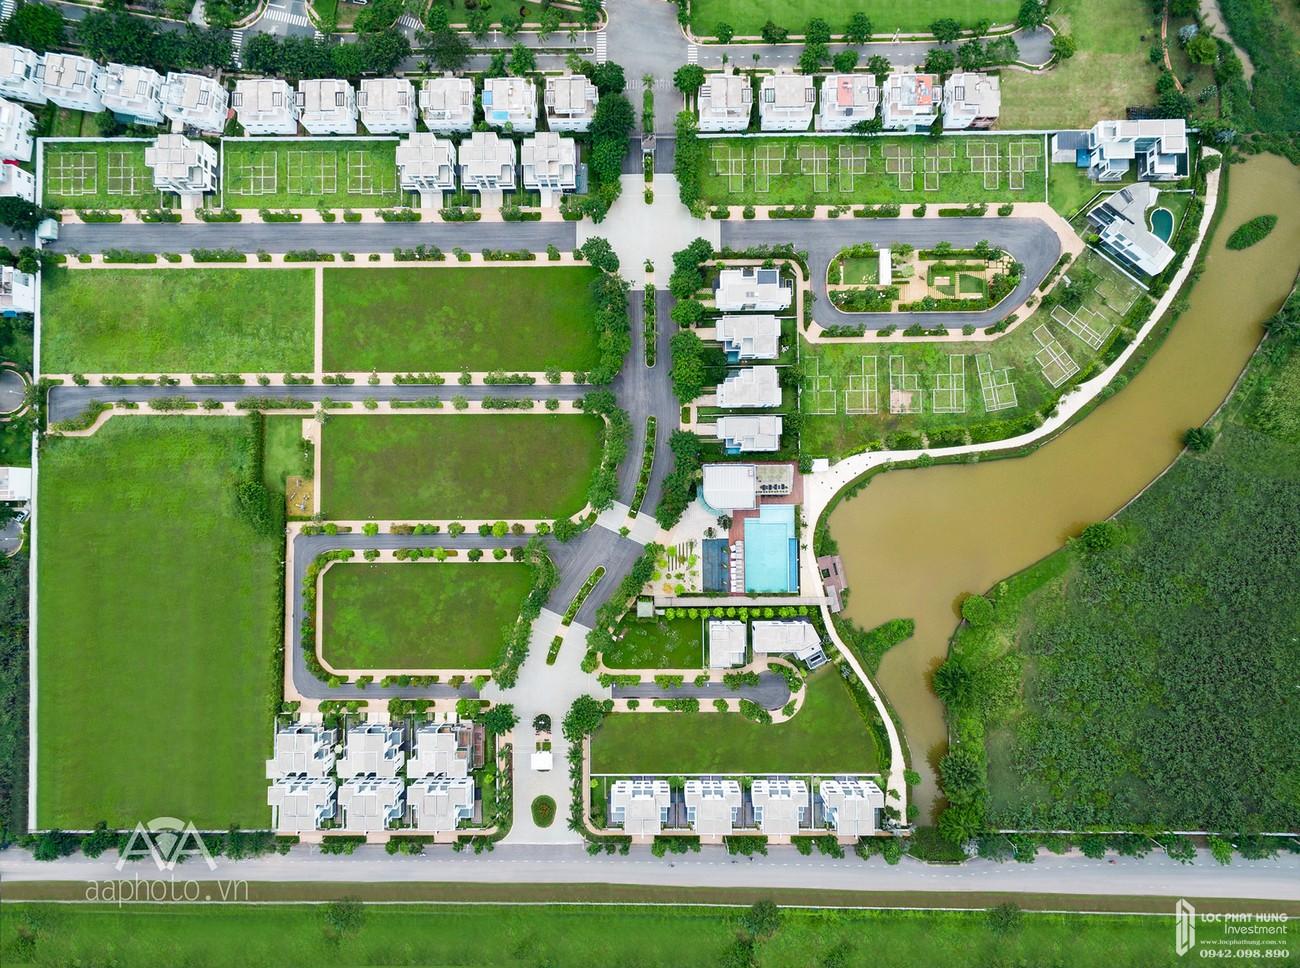 Mặt bằng dự án Biệt thự Lucasta Quận 9 Đường Liên Phường chủ đầu tư Khang Điền